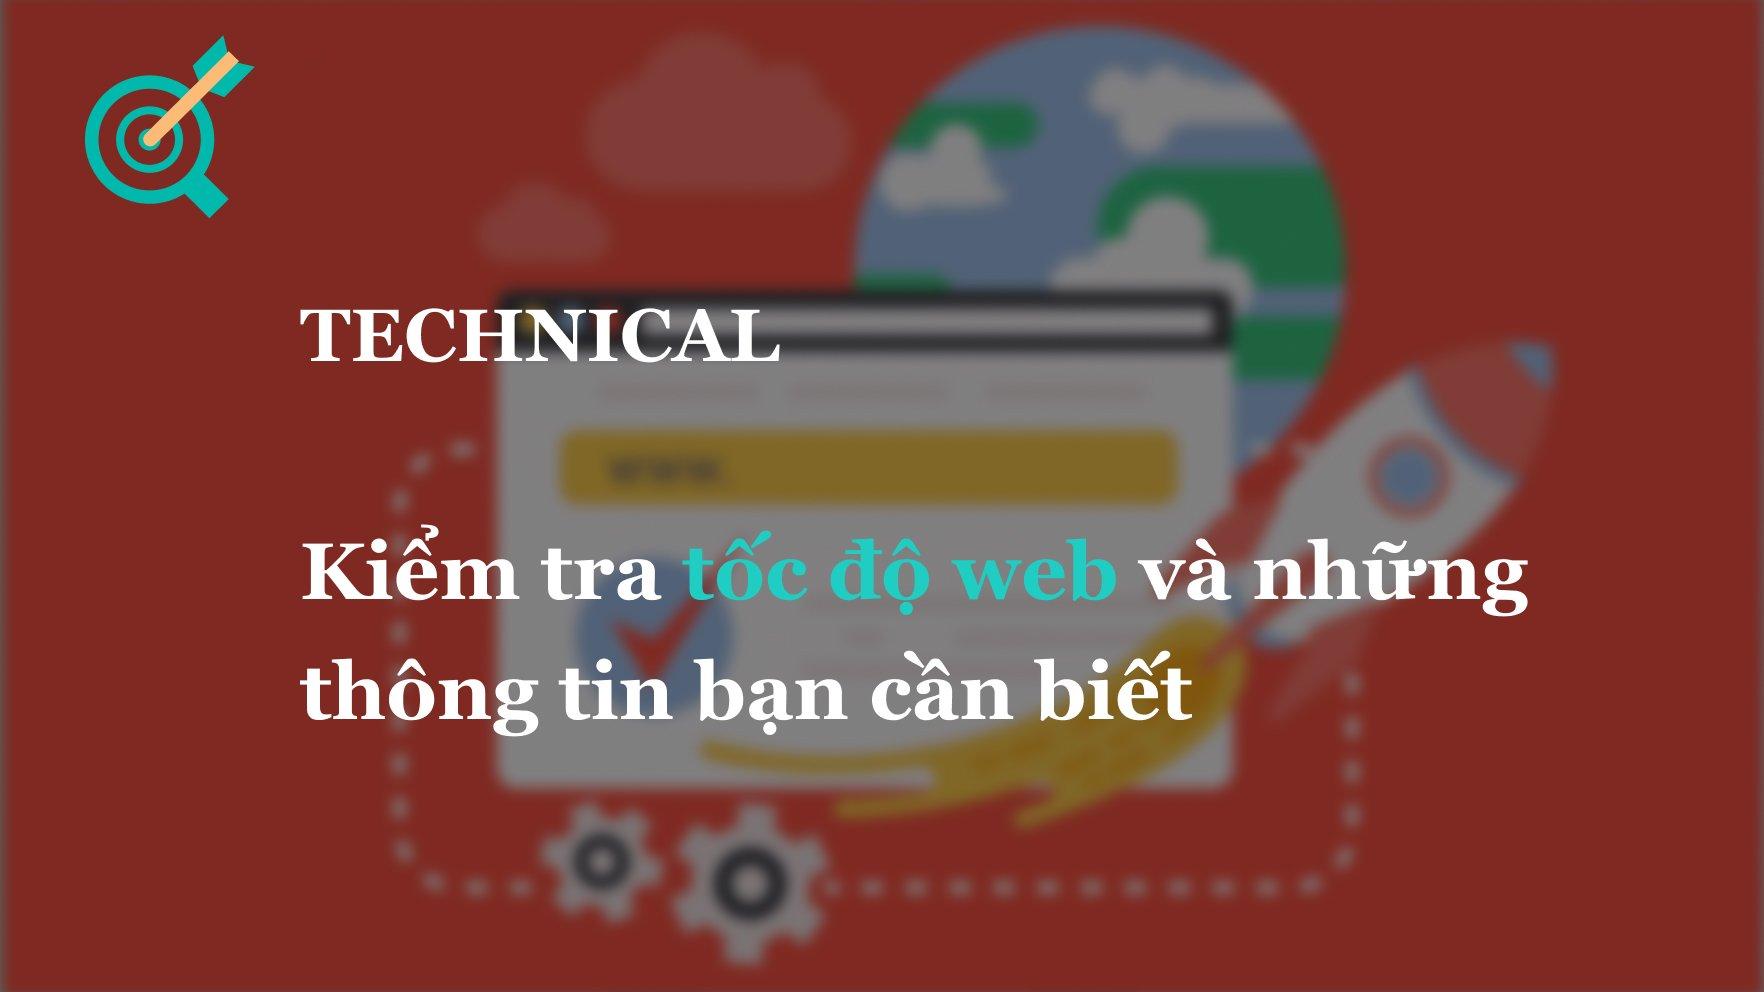 Kiểm tra tốc độ web và những thông tin bạn cần biết